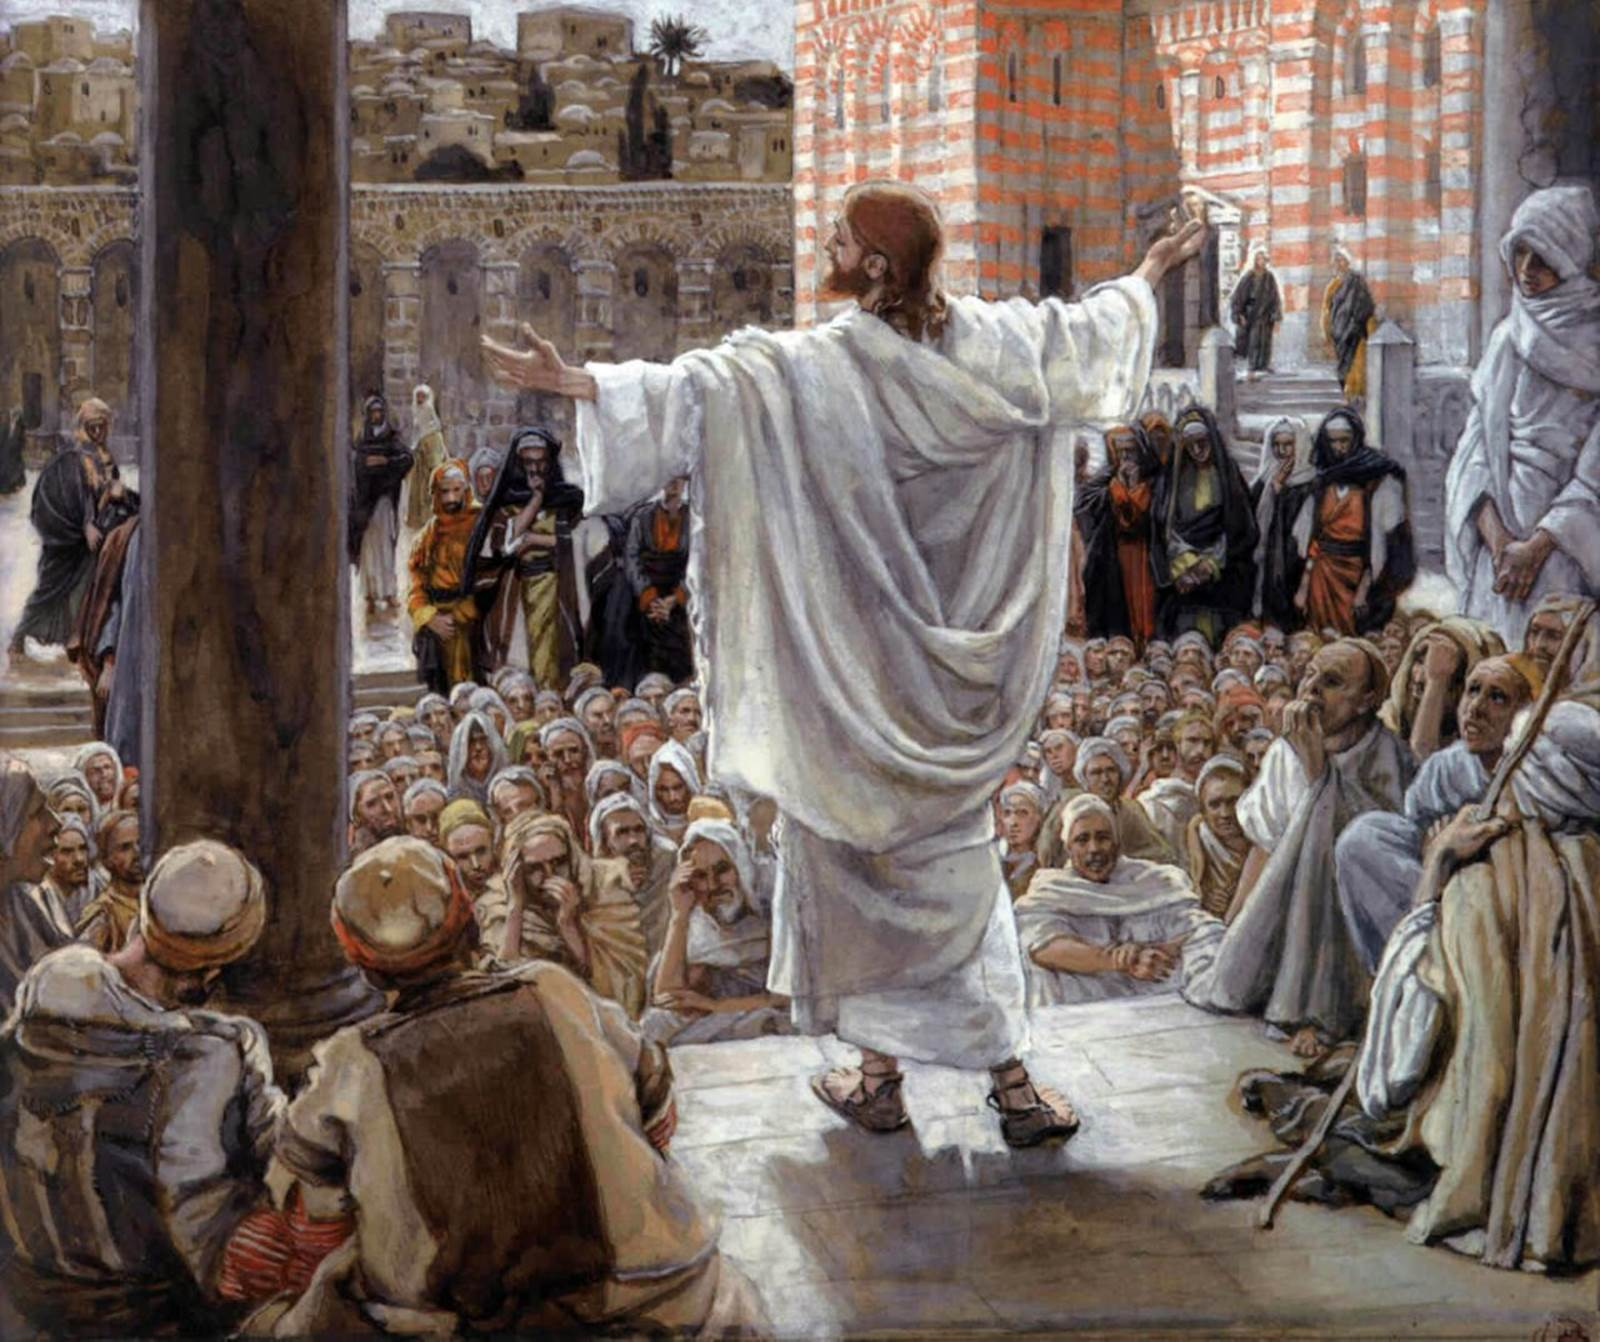 Đức Giêsu về quê (31.7.2020 – Thứ Sáu Tuần 17 TN - Thánh Ignatiô Loyôla, linh mục)